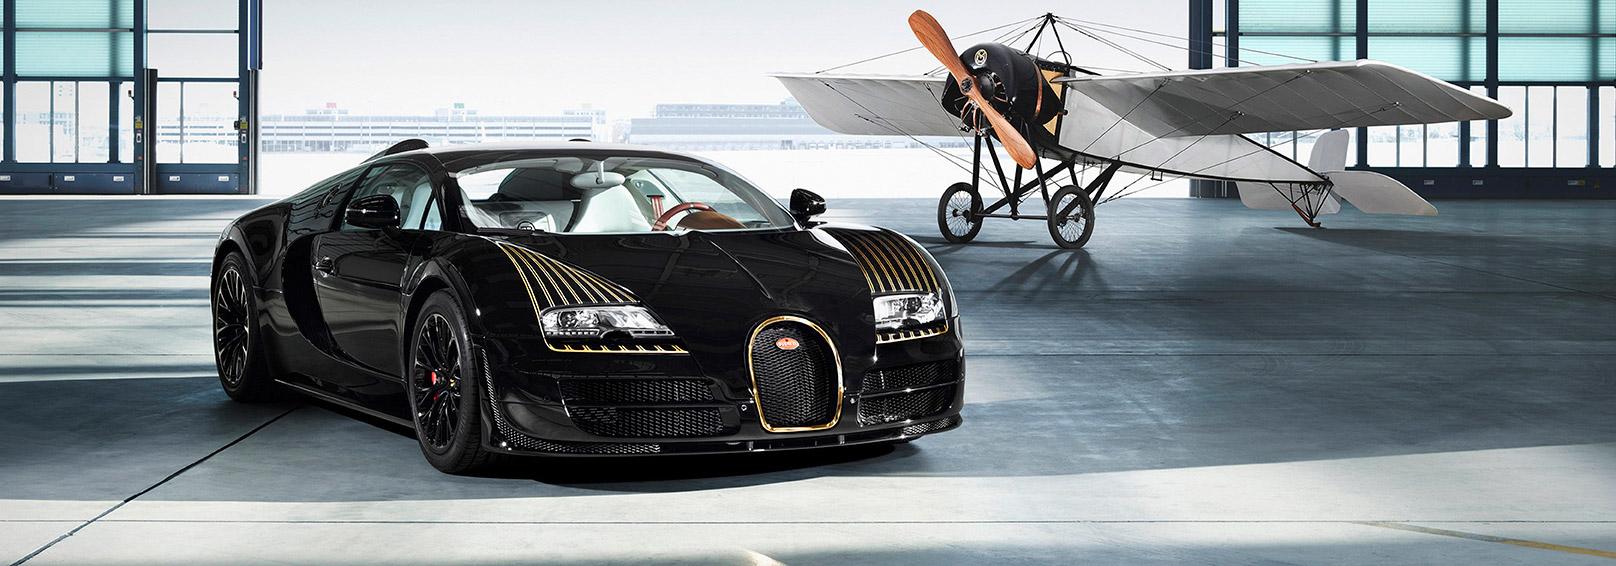 Bugatti: el exclusivo diseño va sobre dos ruedas